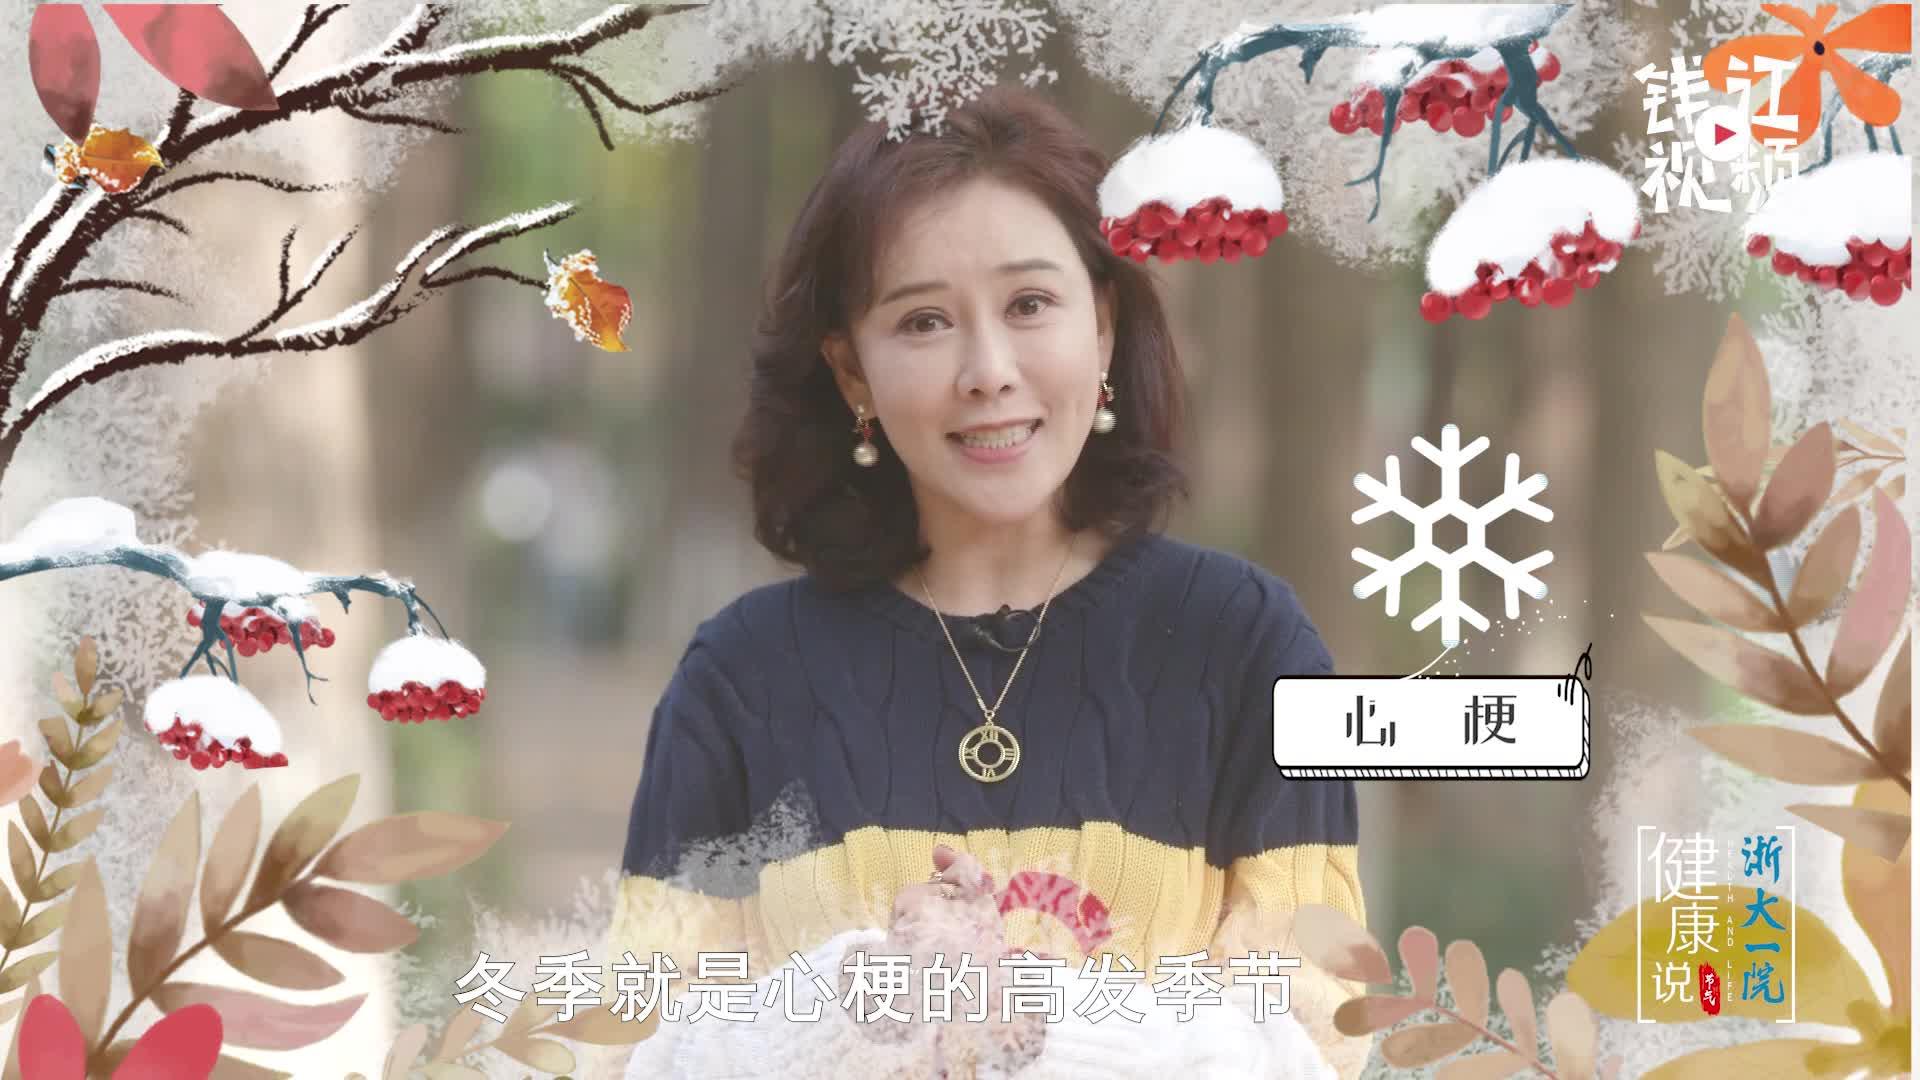 【节气健康说·立冬】今日立冬 这个时节怎样防范心梗发作?